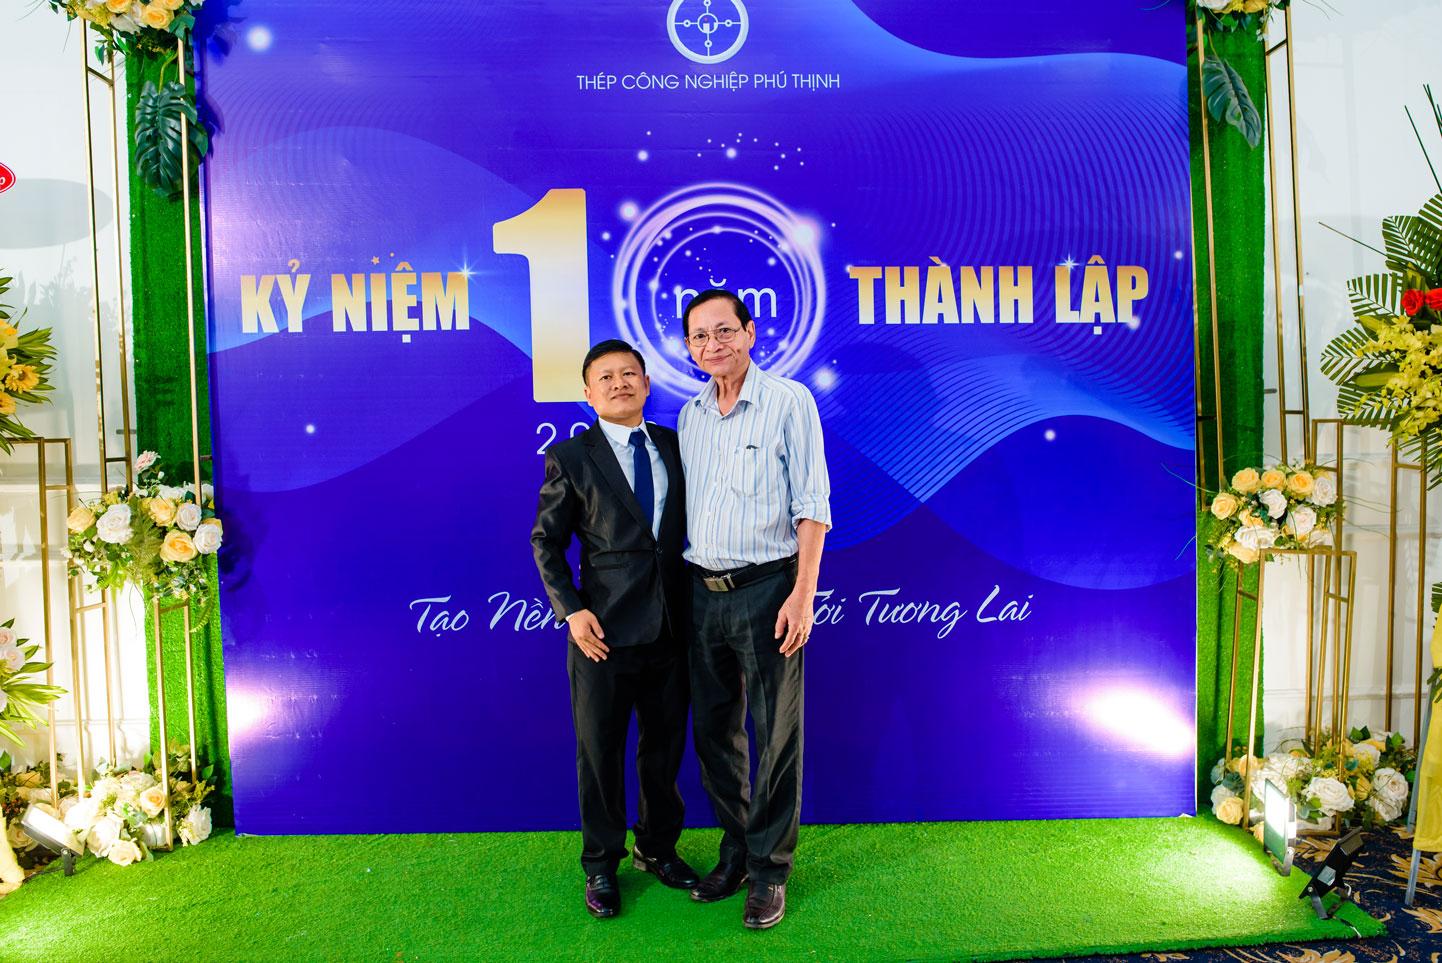 Giám đốc Thép công nghiệp Phú Thịnh tiếp đón khách mời